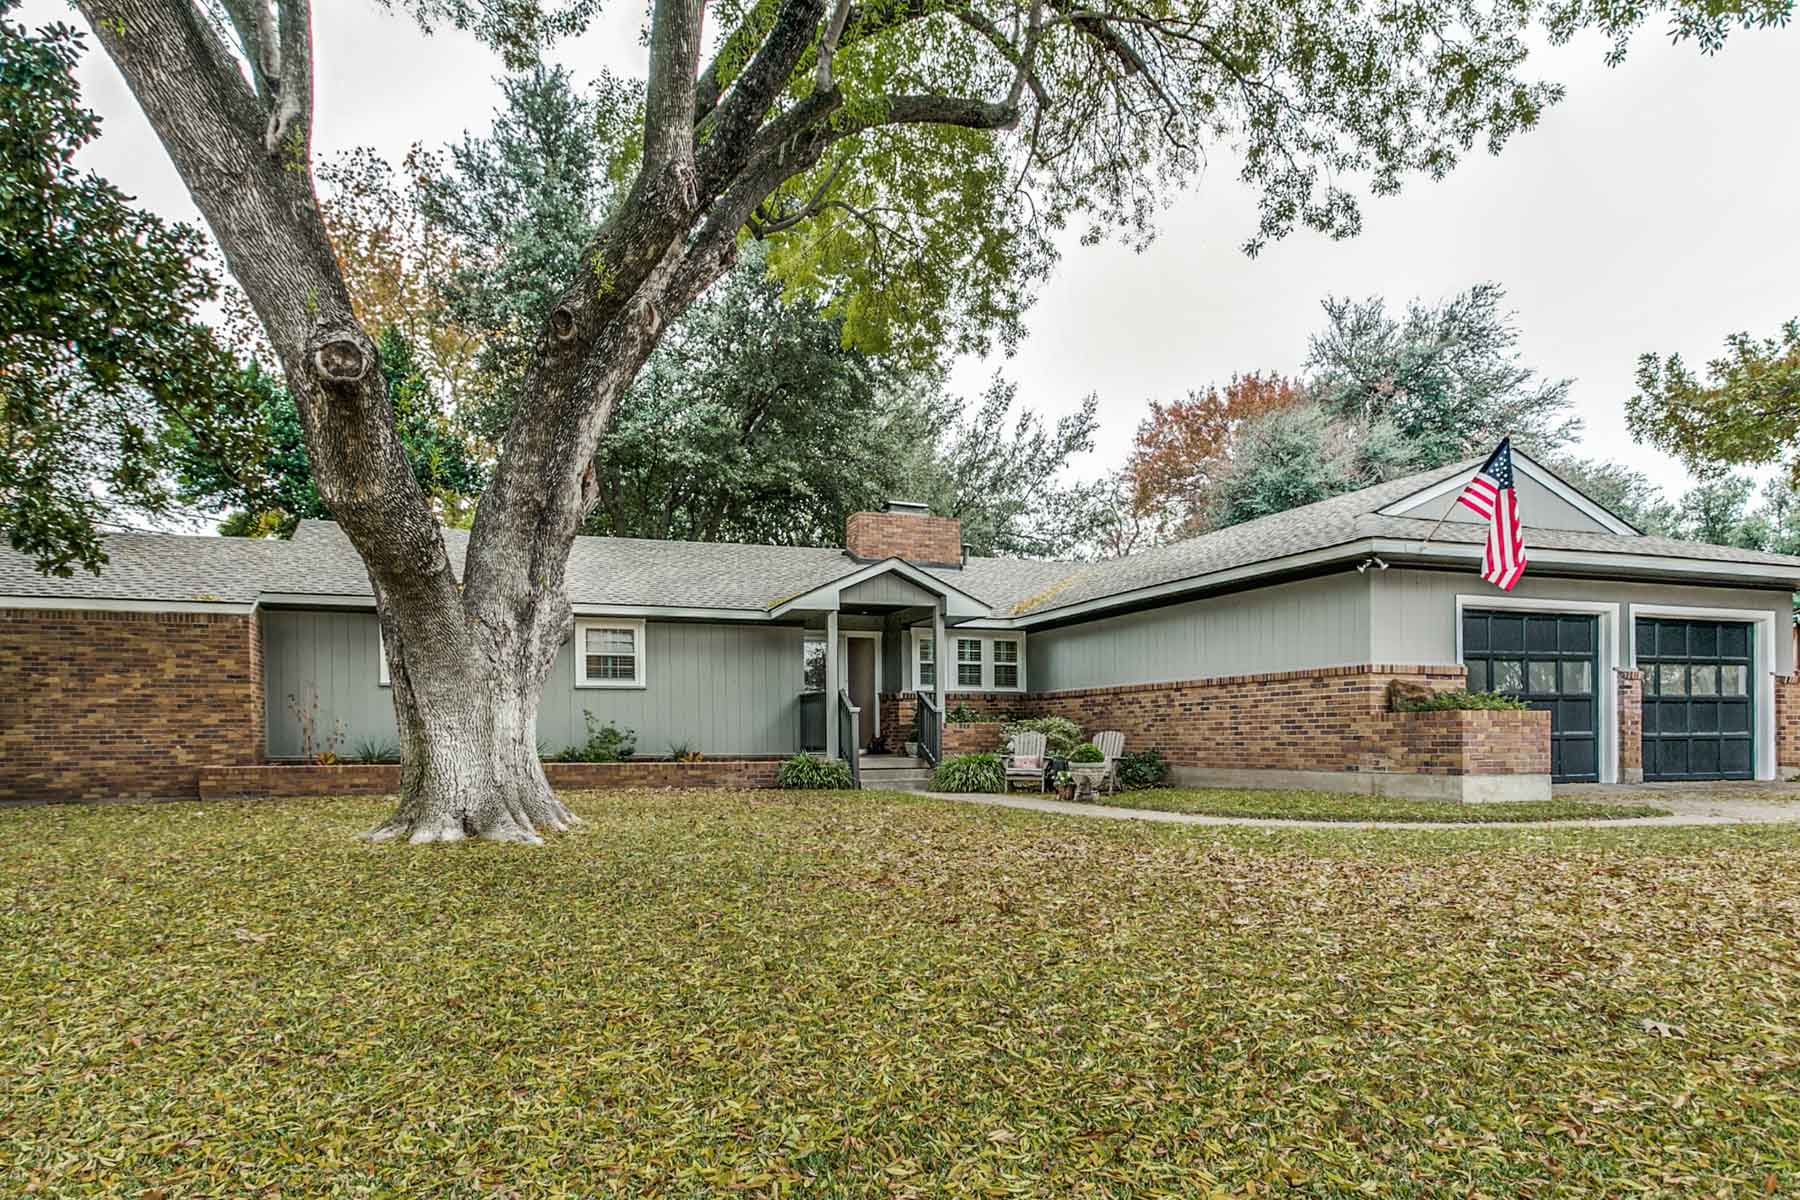 一戸建て のために 売買 アット 3909 Weyburn Drive, FORT WORTH Fort Worth, テキサス, 76109 アメリカ合衆国